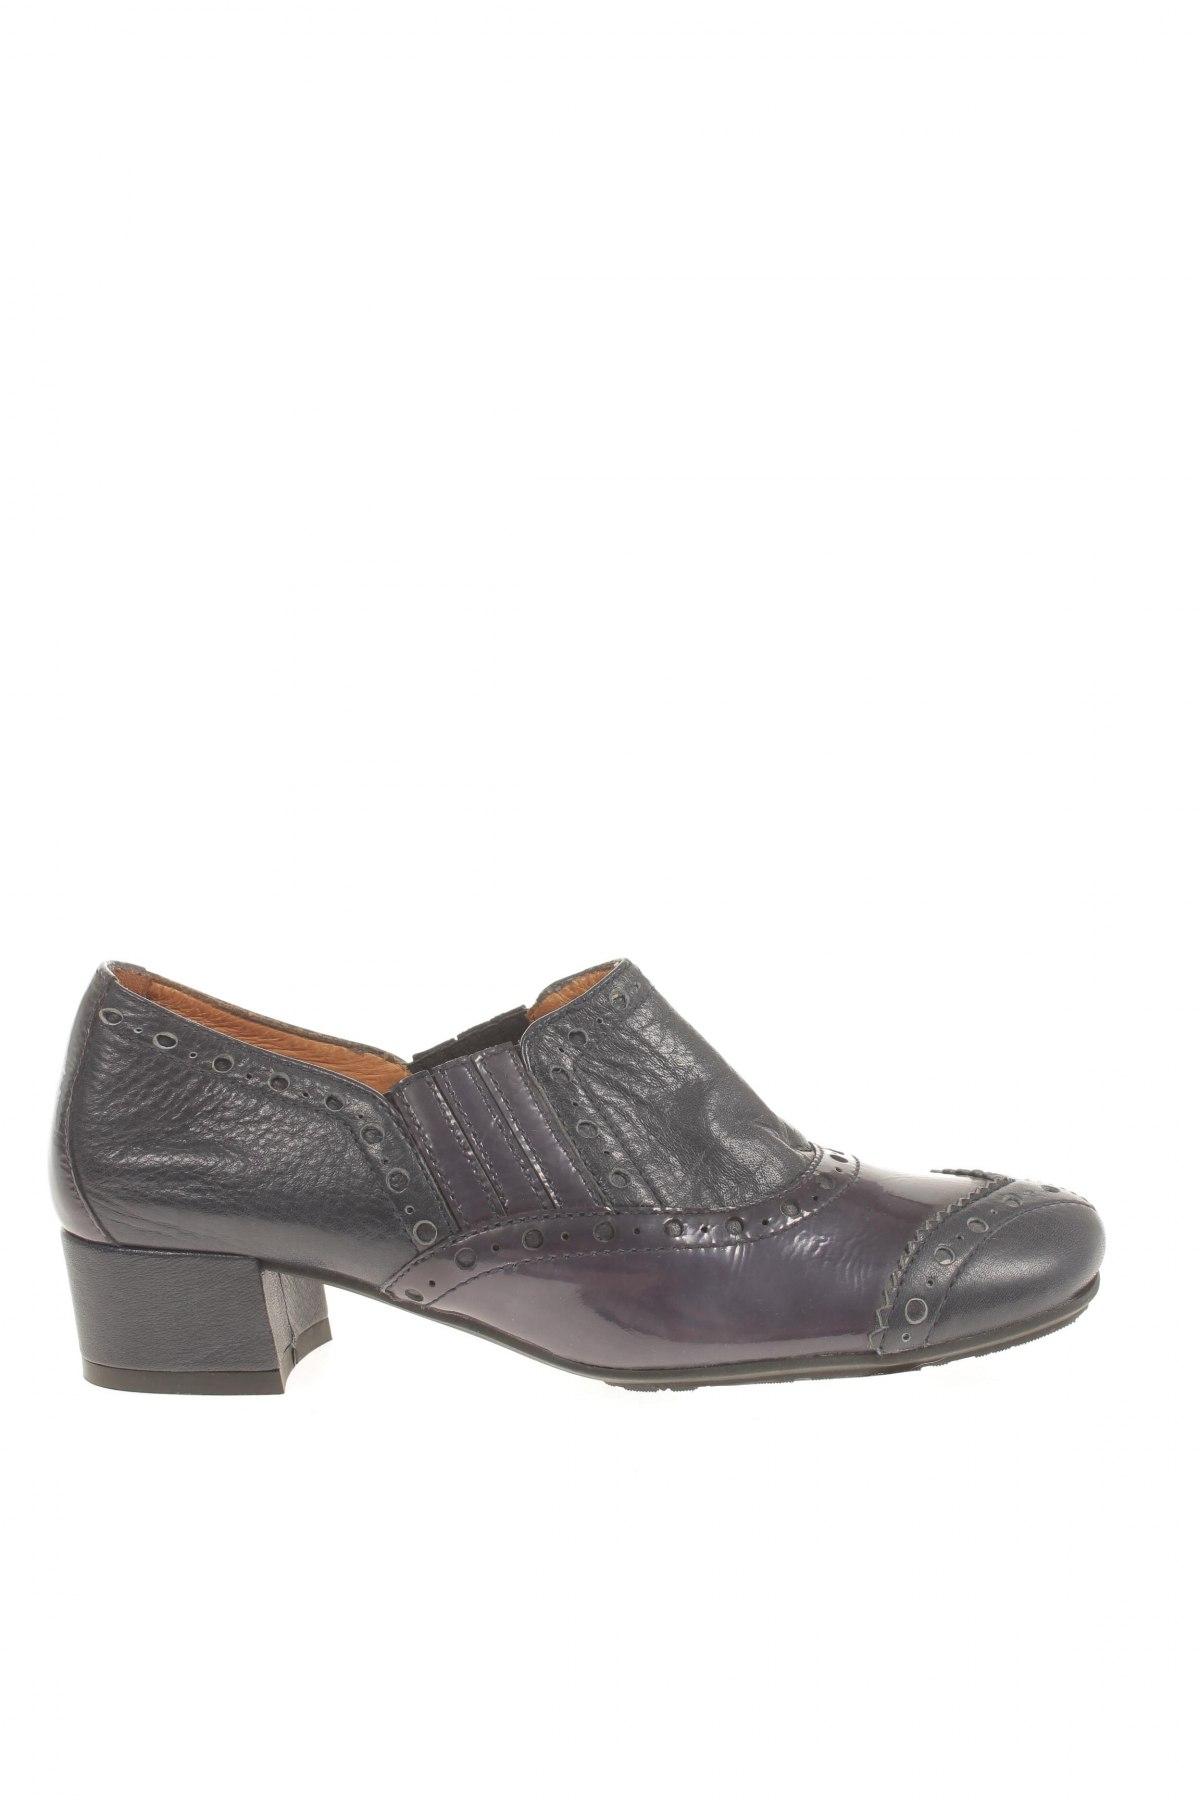 Γυναικεία παπούτσια Hispanitas - σε συμφέρουσα τιμή στο Remix ... 0eee187c4a0